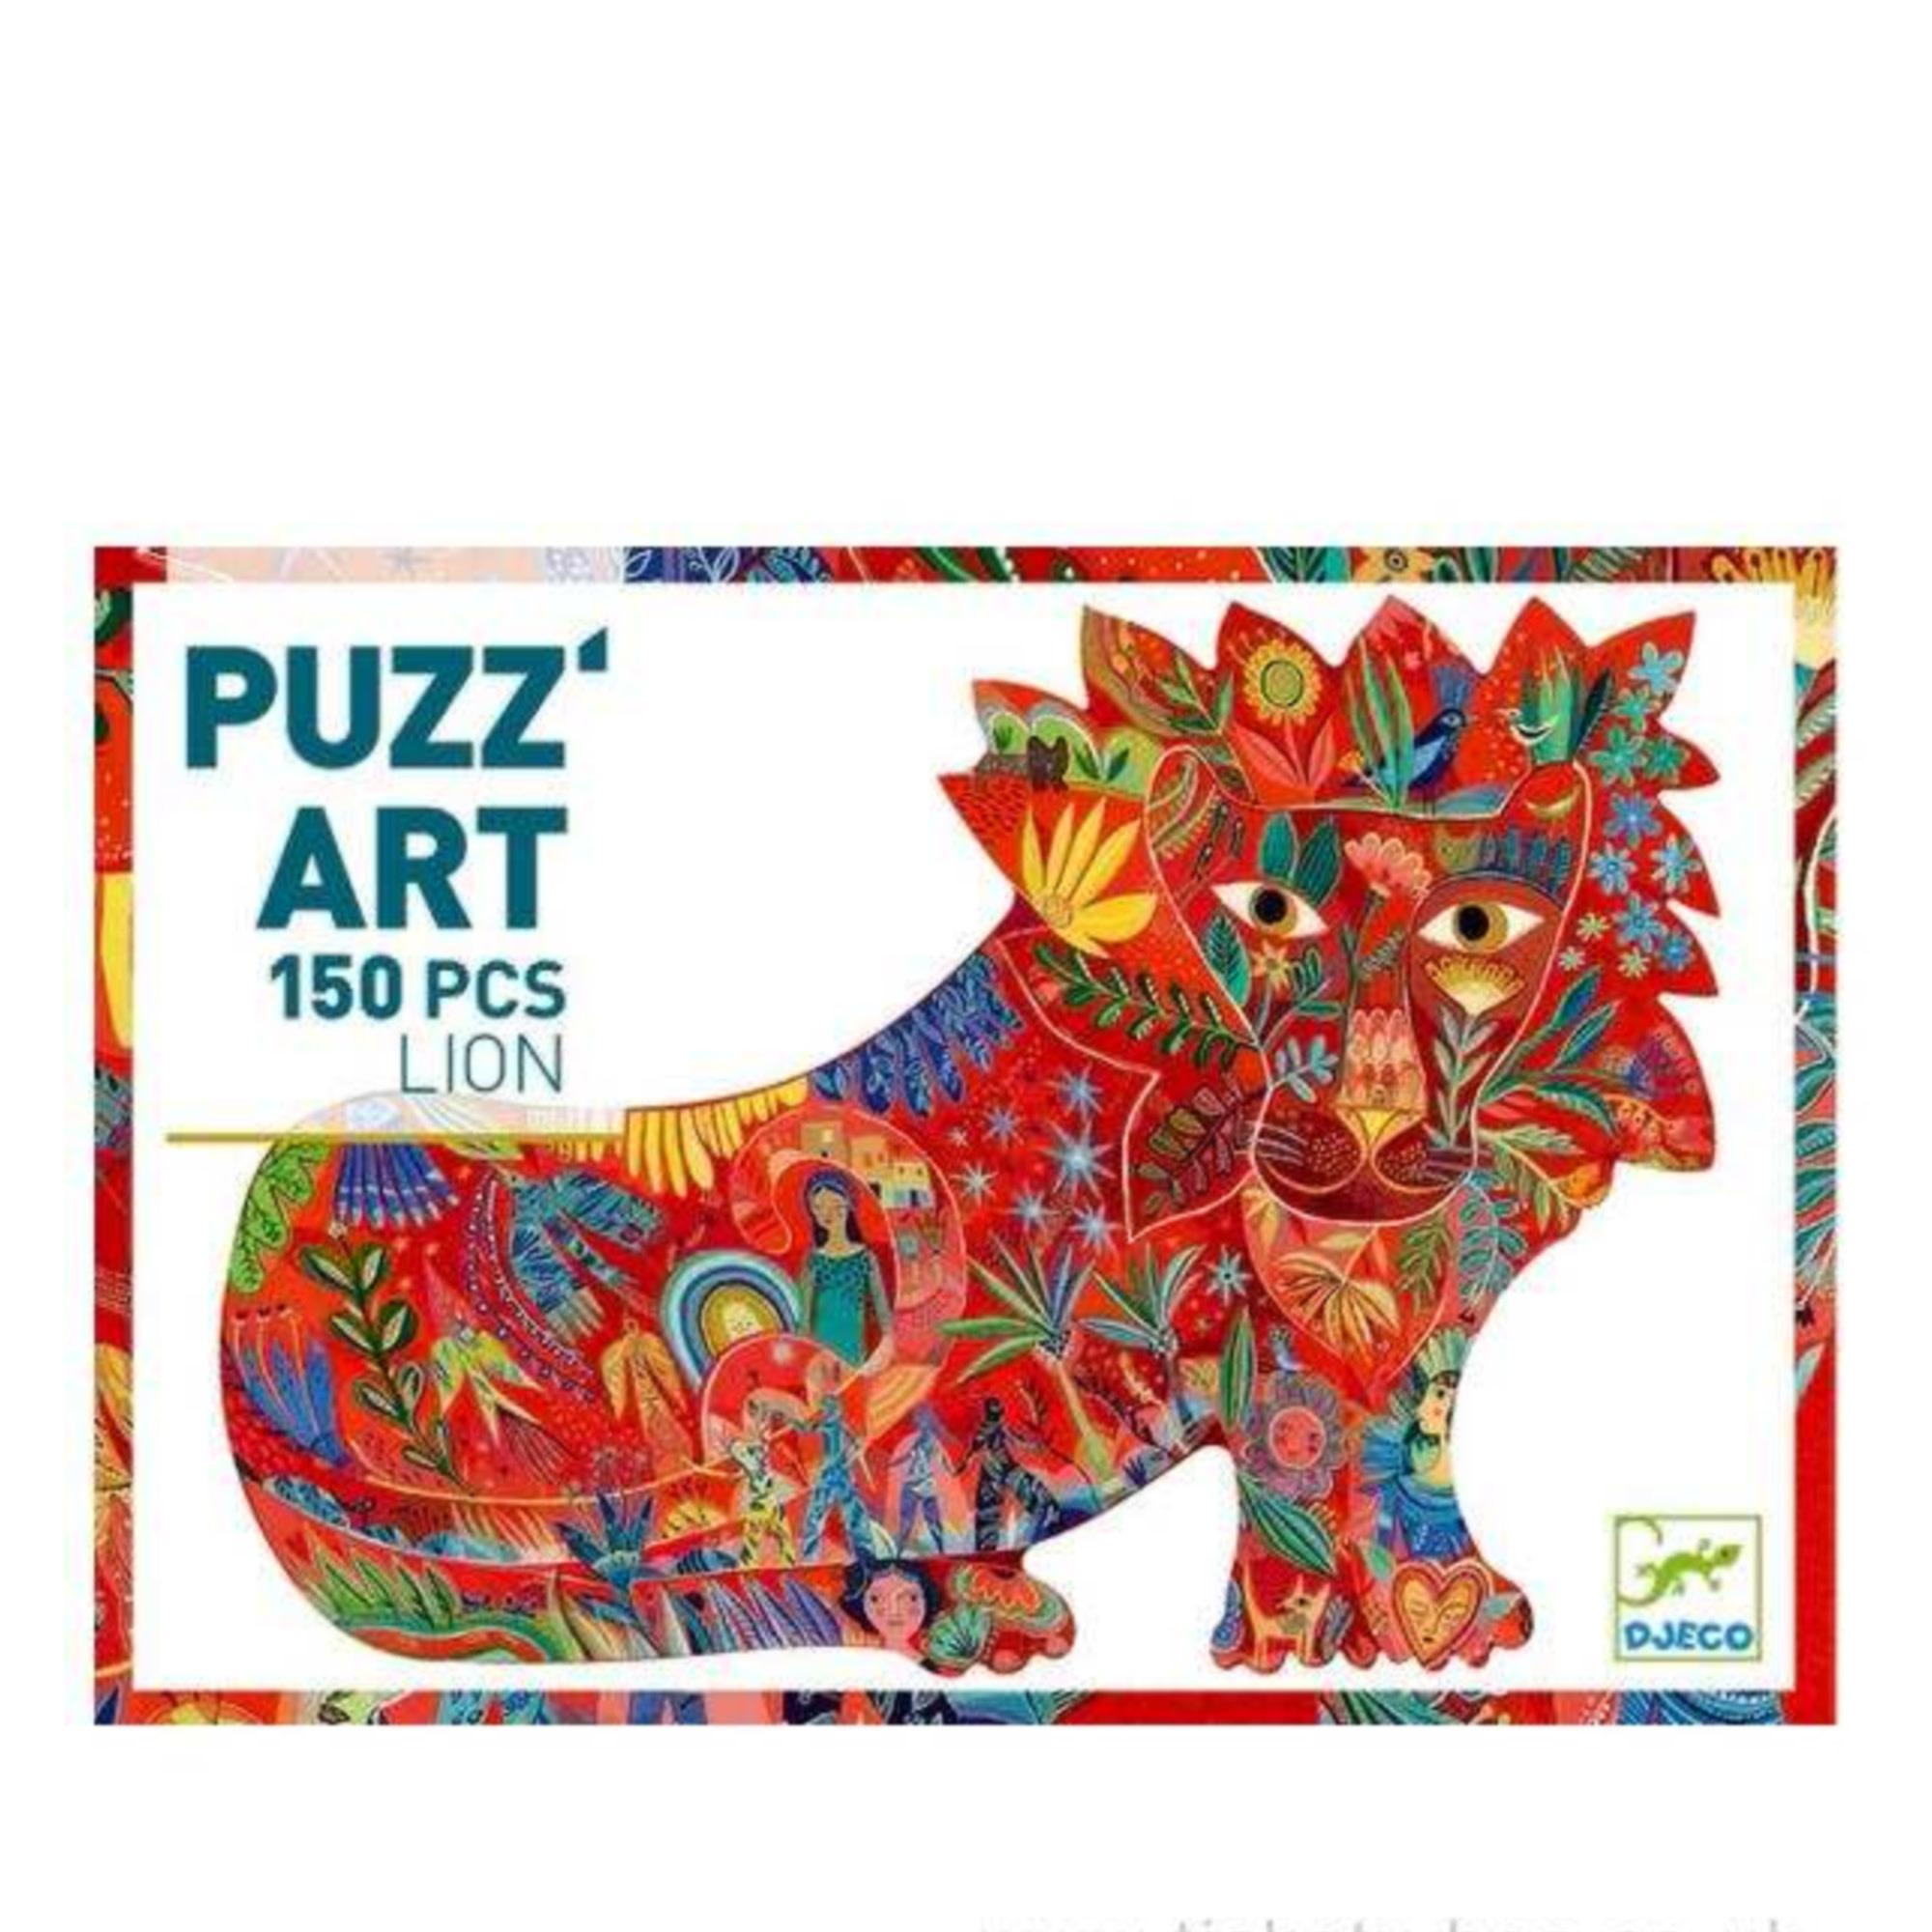 Puzz'Art / Lion / 150pcs